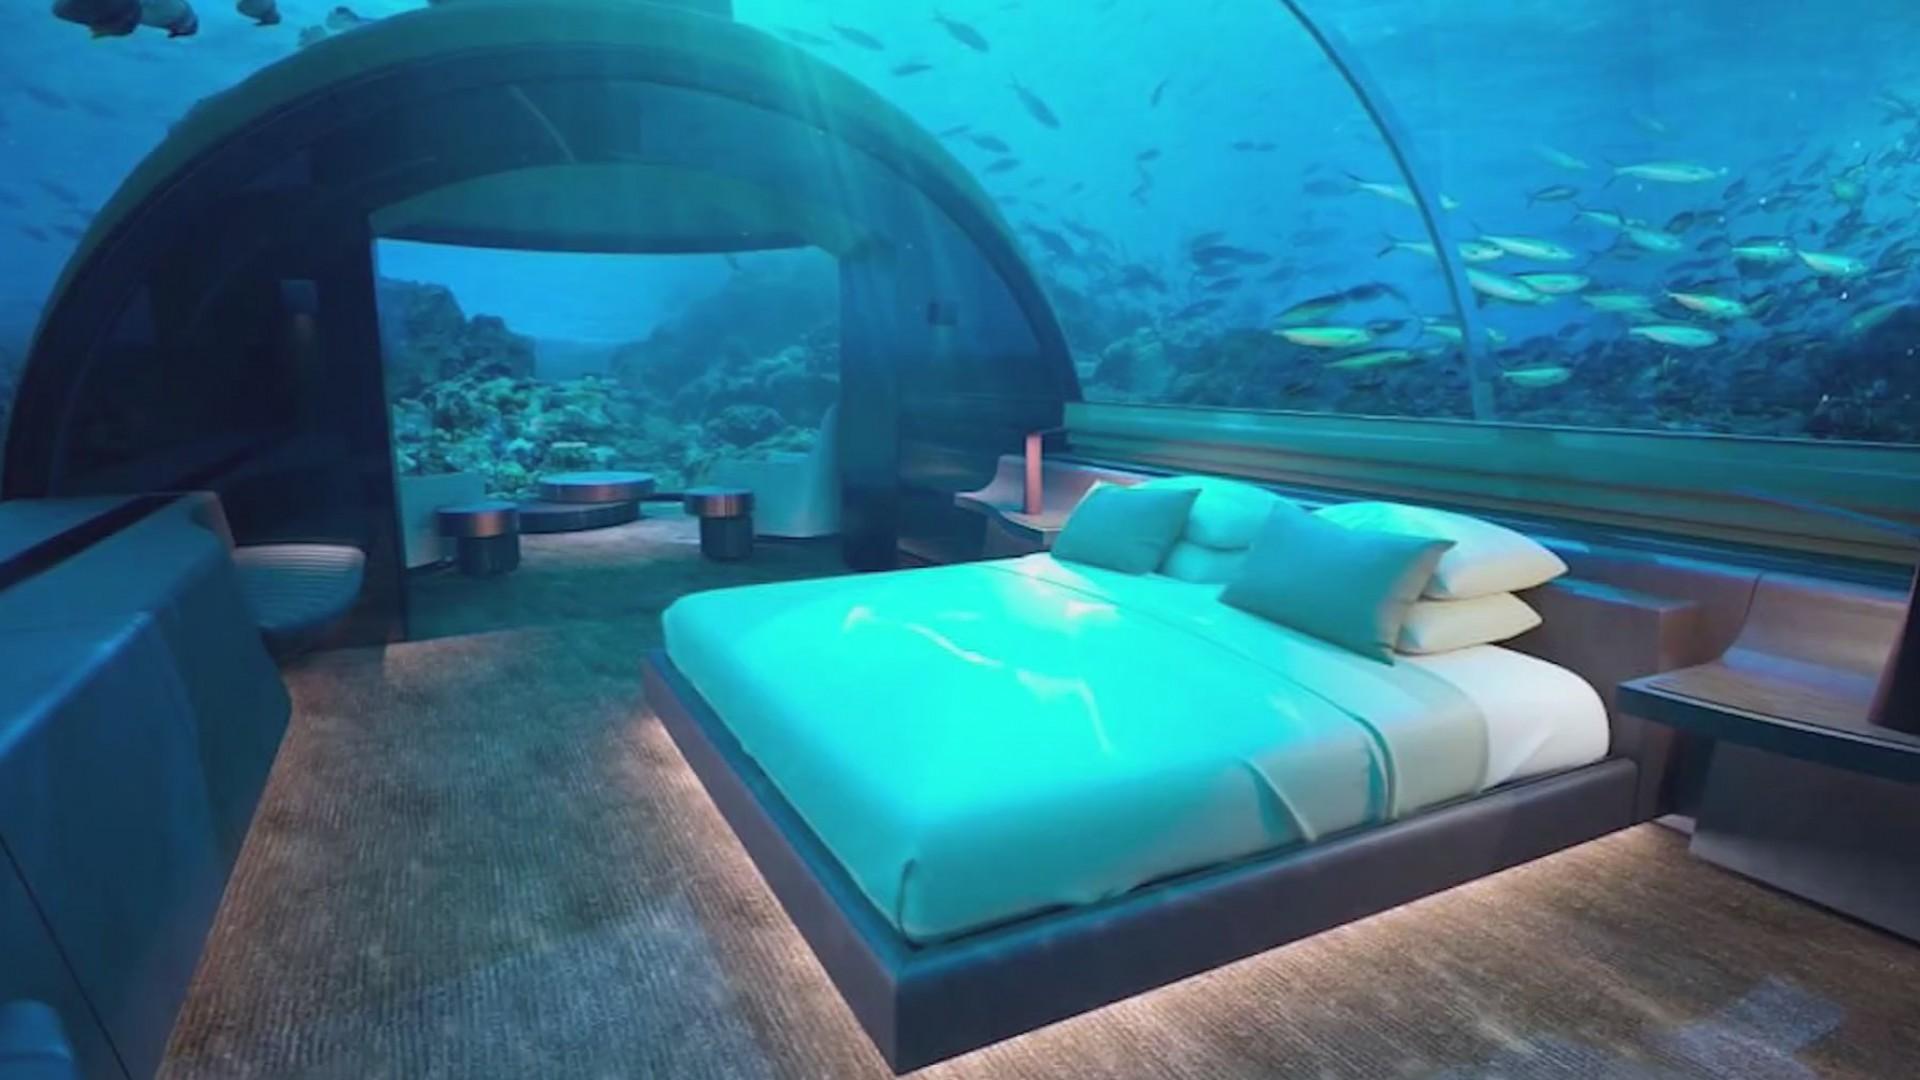 Underwater_hotel_0_20181105174138